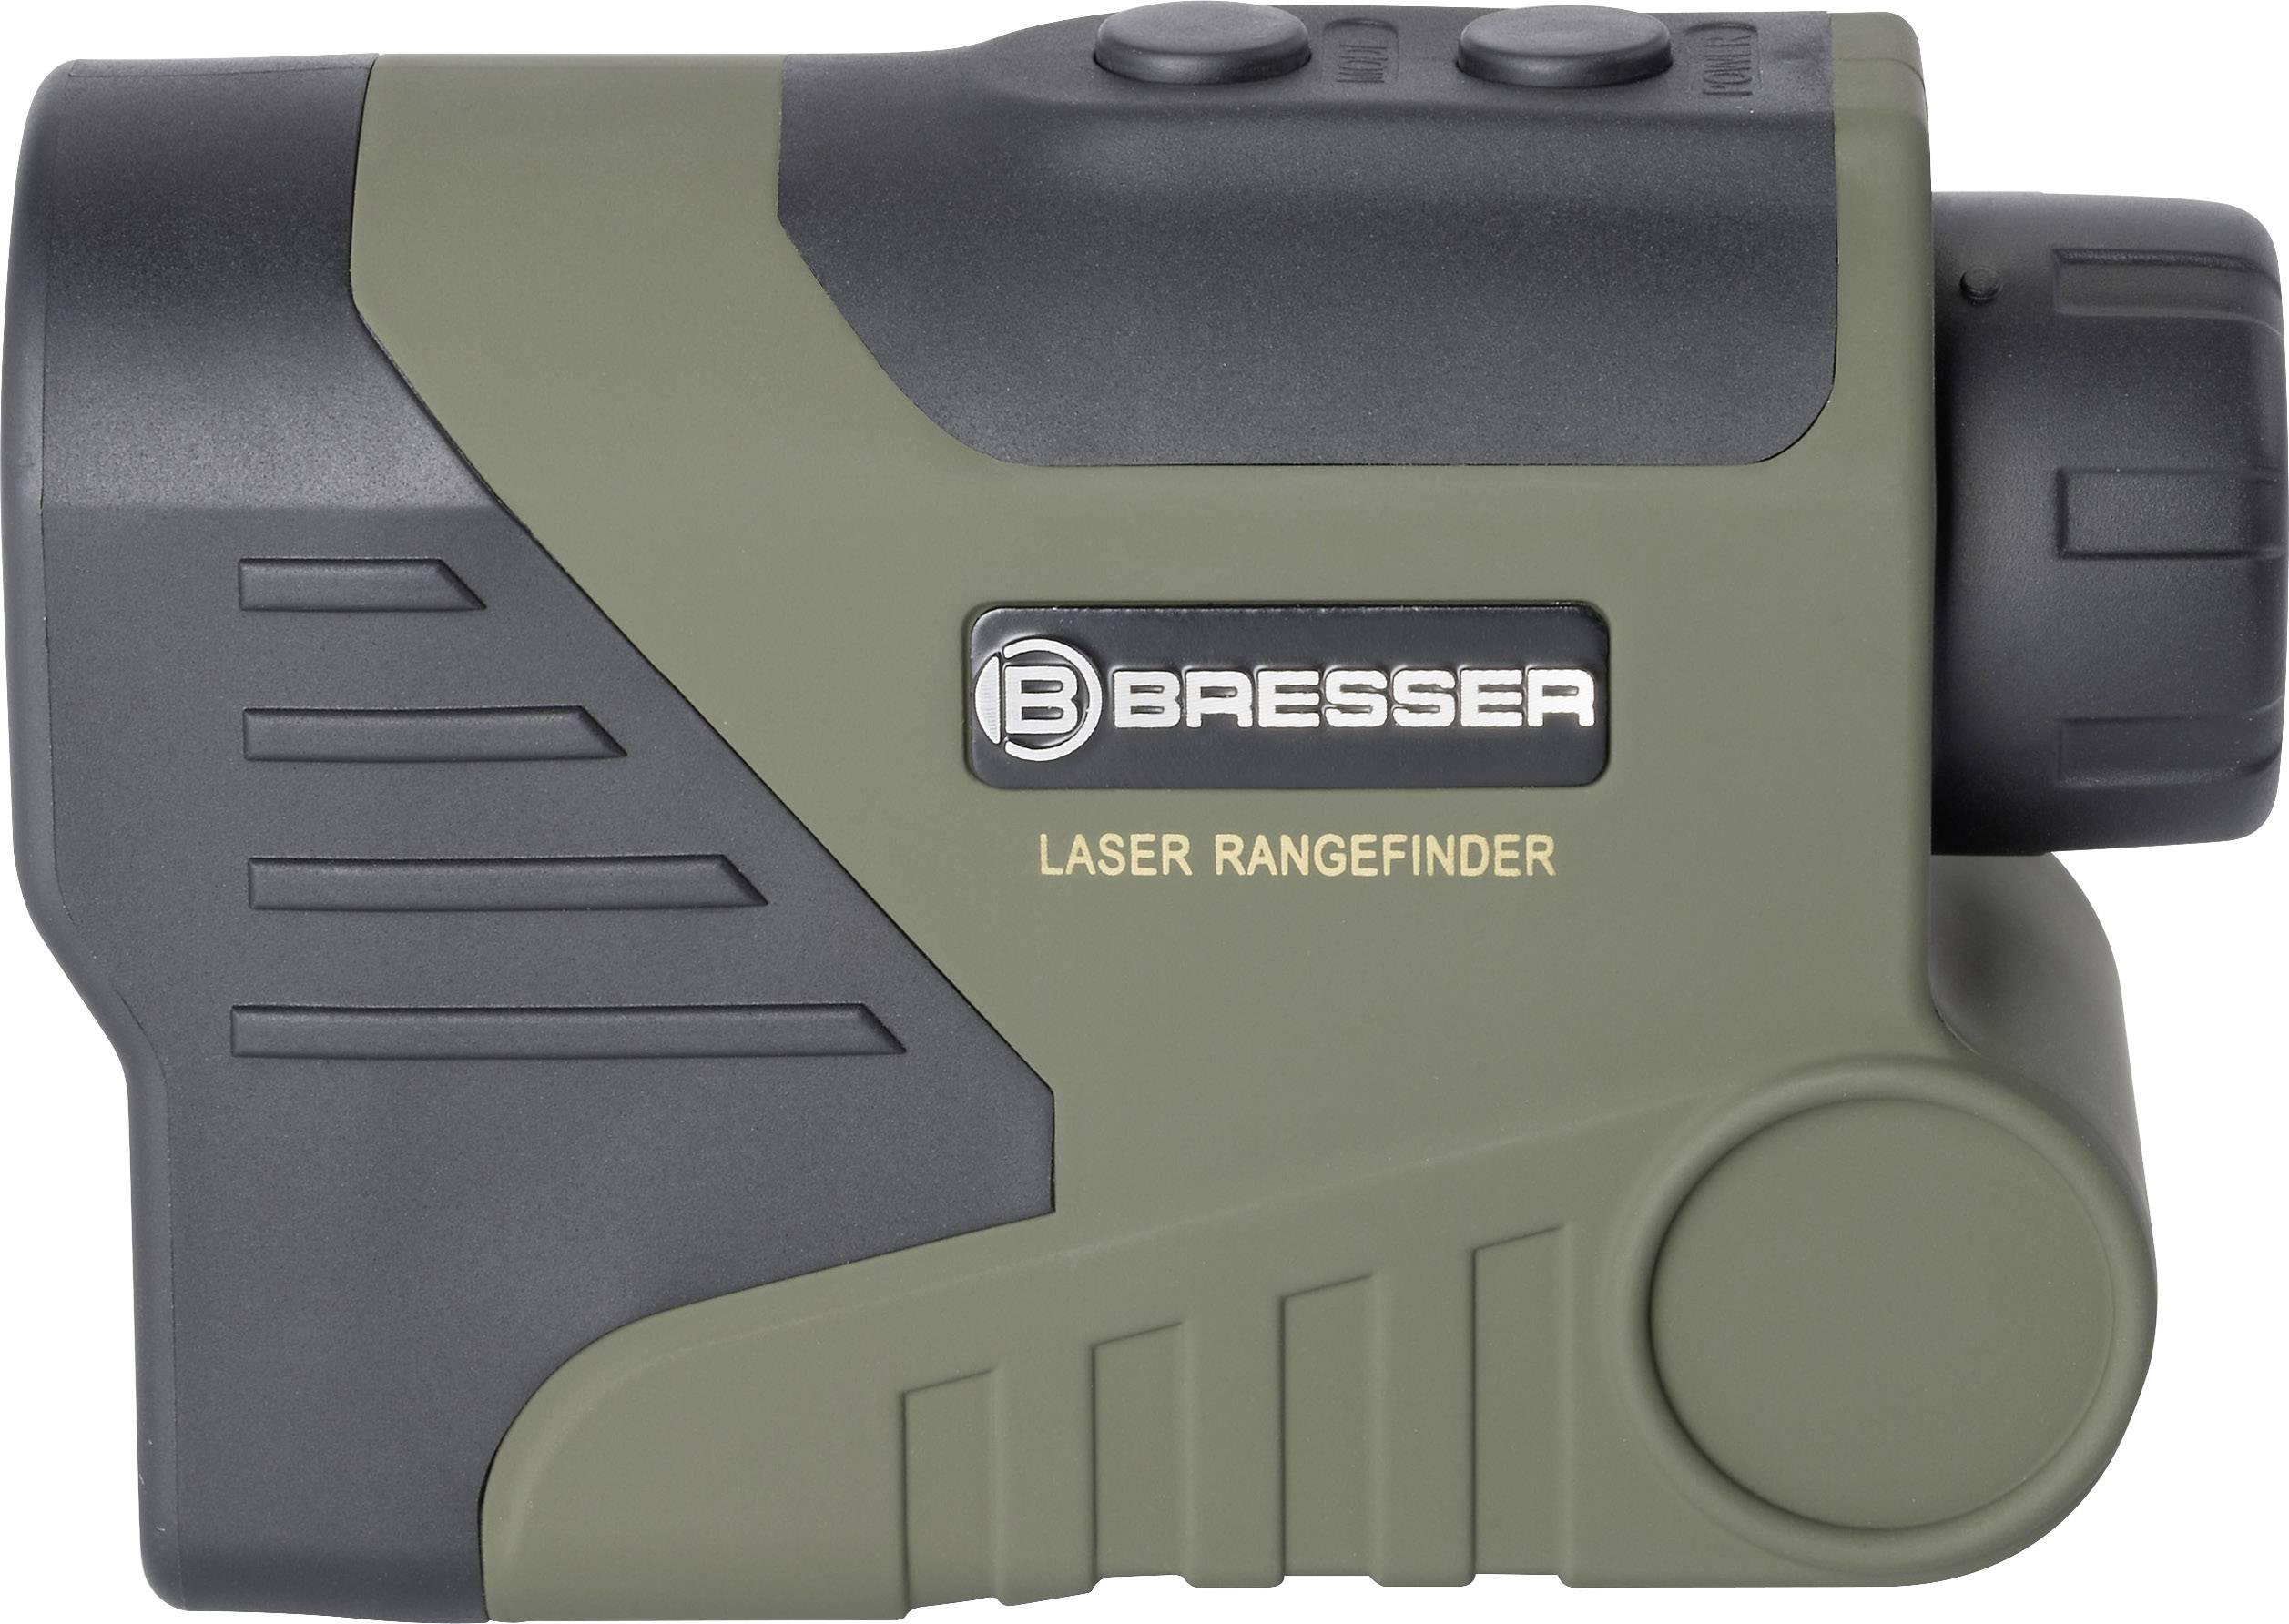 Entfernungsmesser bresser optik wp oled m grün kaufen